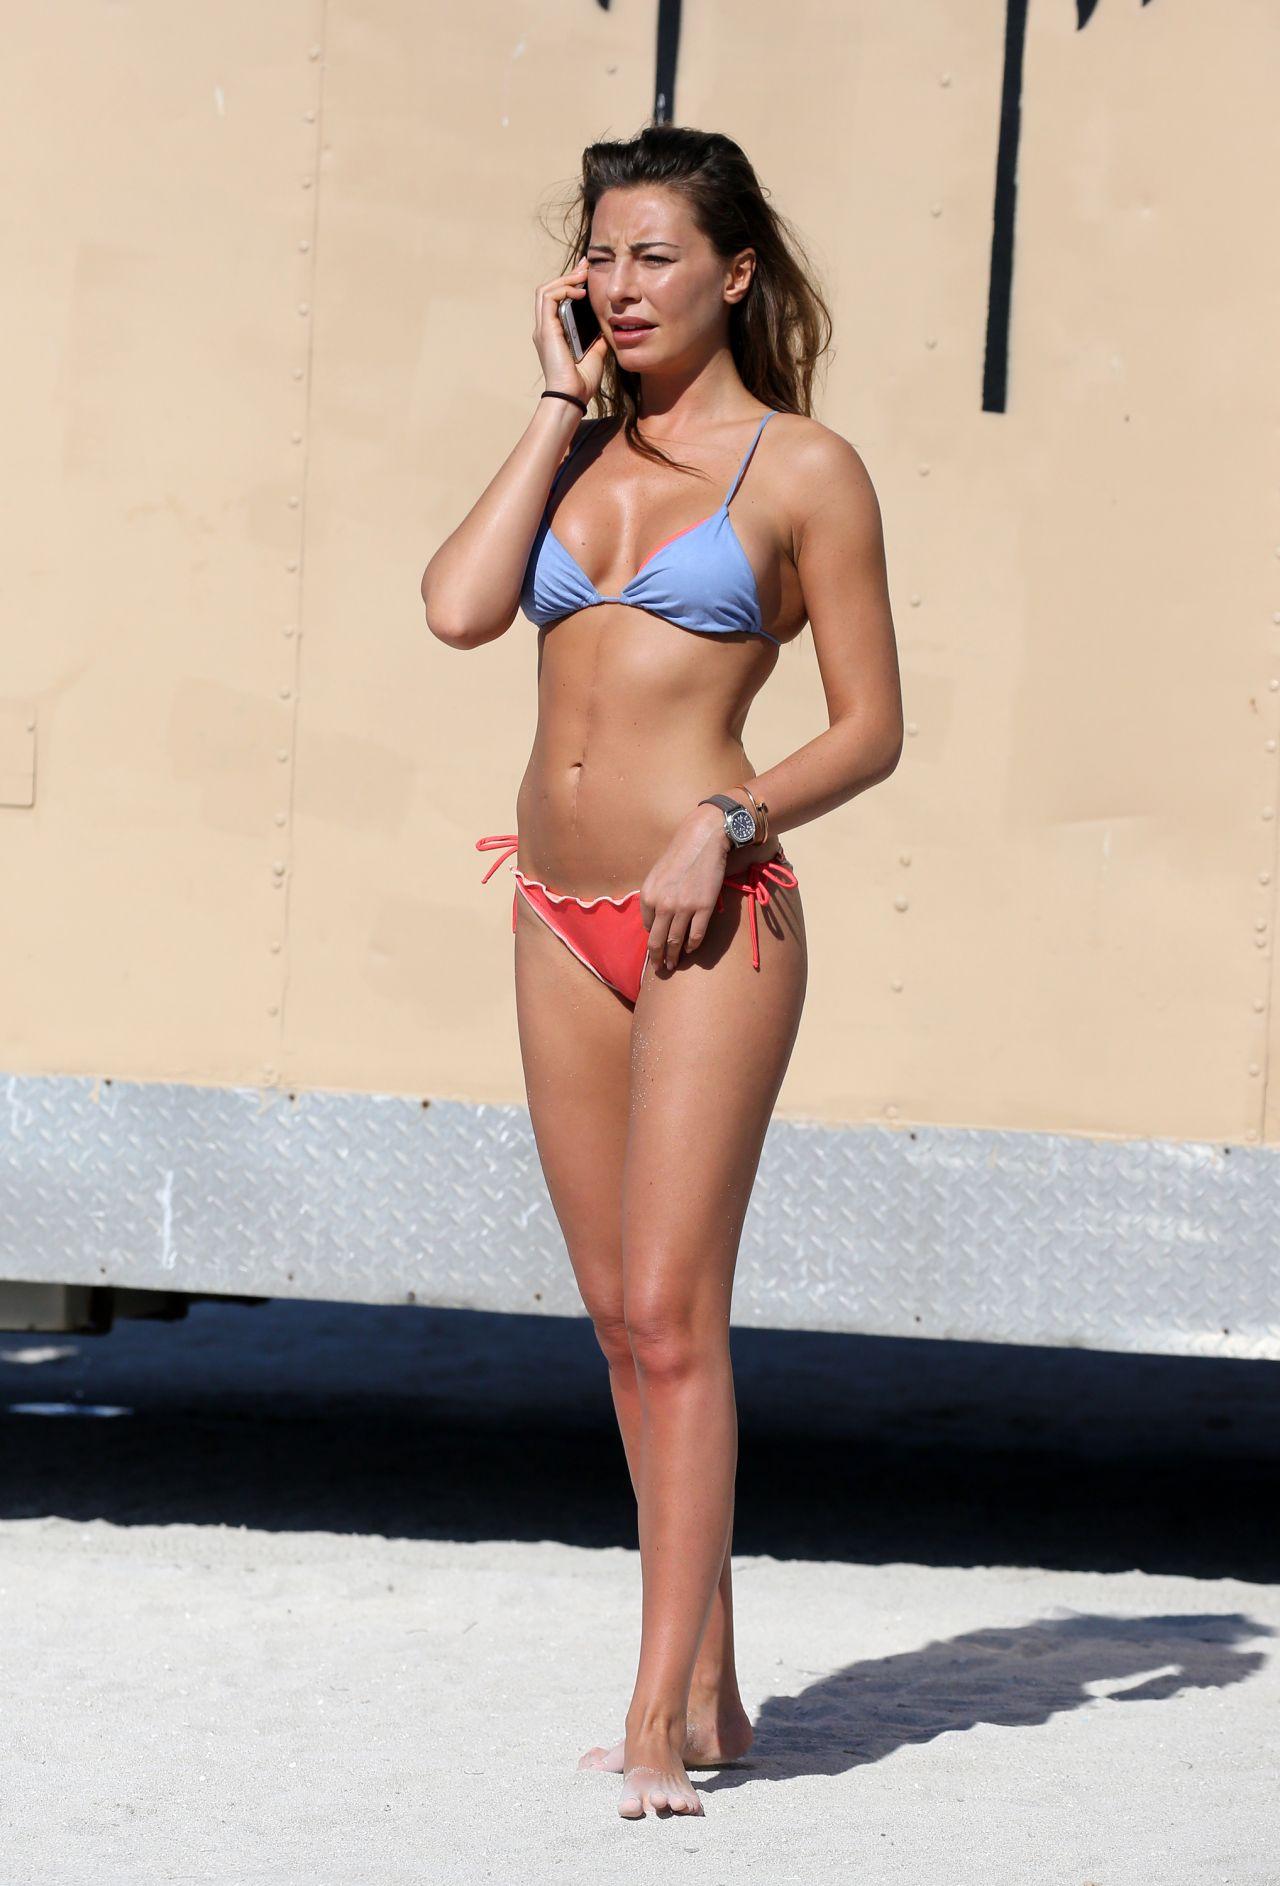 Alessia Tedeschi nude photos 2019